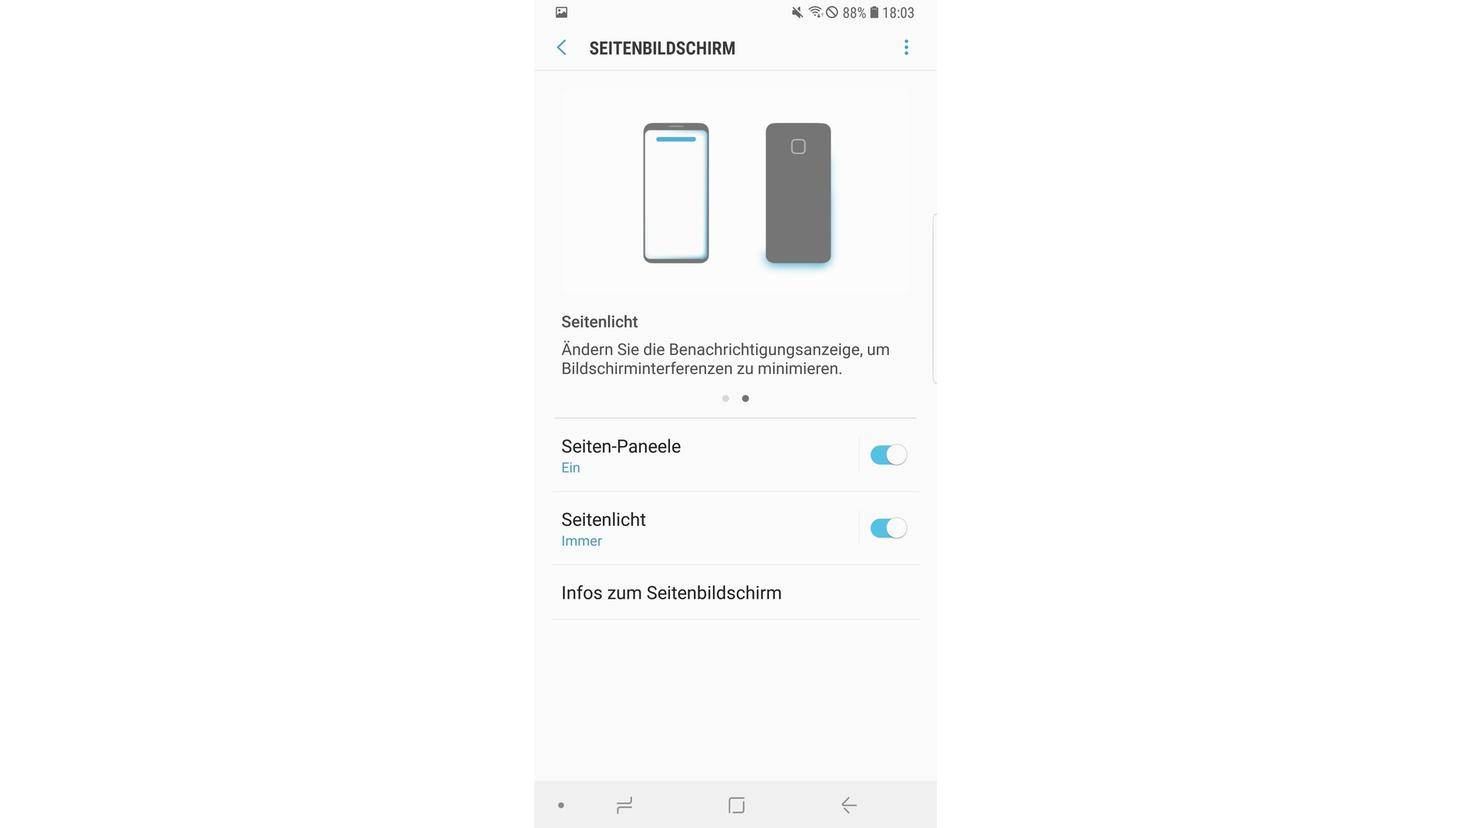 Samsung-Galaxy-Note-9-Seitenbildschirm